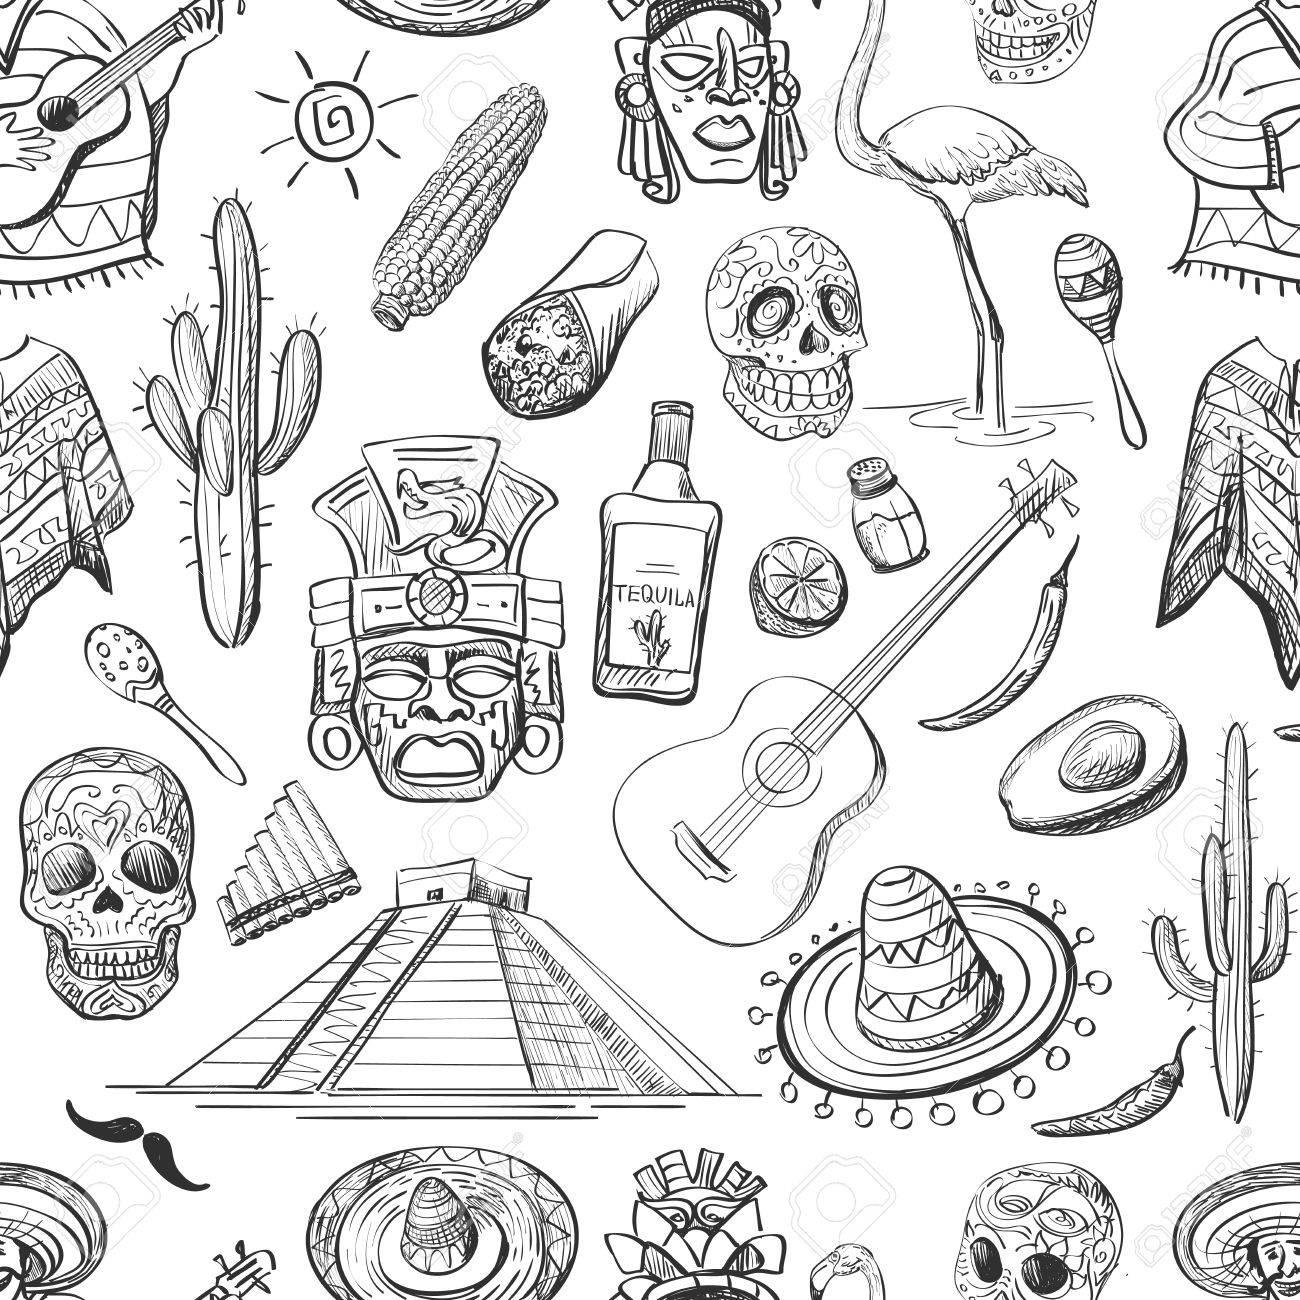 Instrumentos Patrón De Guitarra, Sombrero, Tequila, Tacos, Cráneo ...